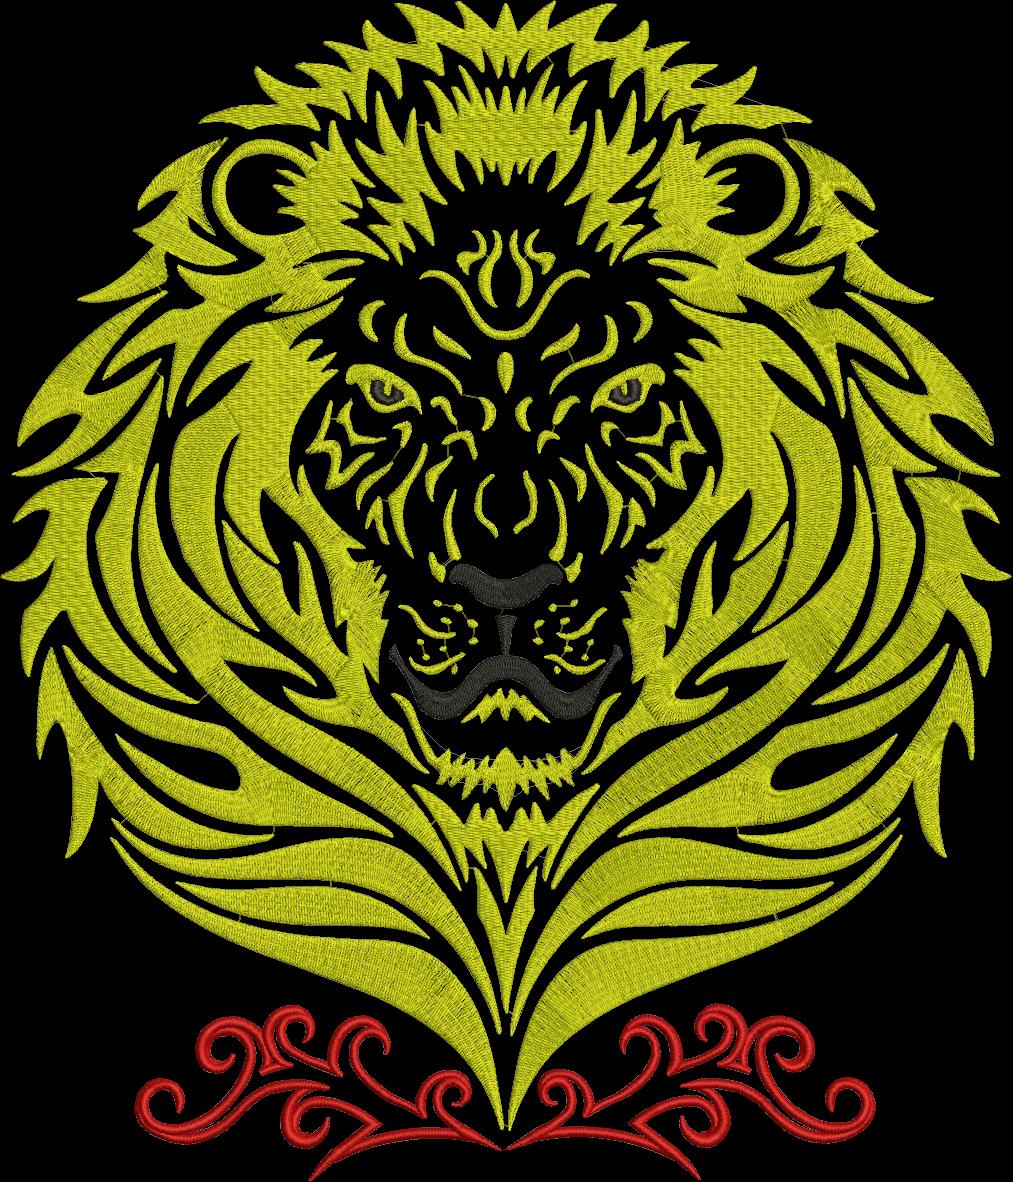 Lions clipart golden lion. Embroidery design